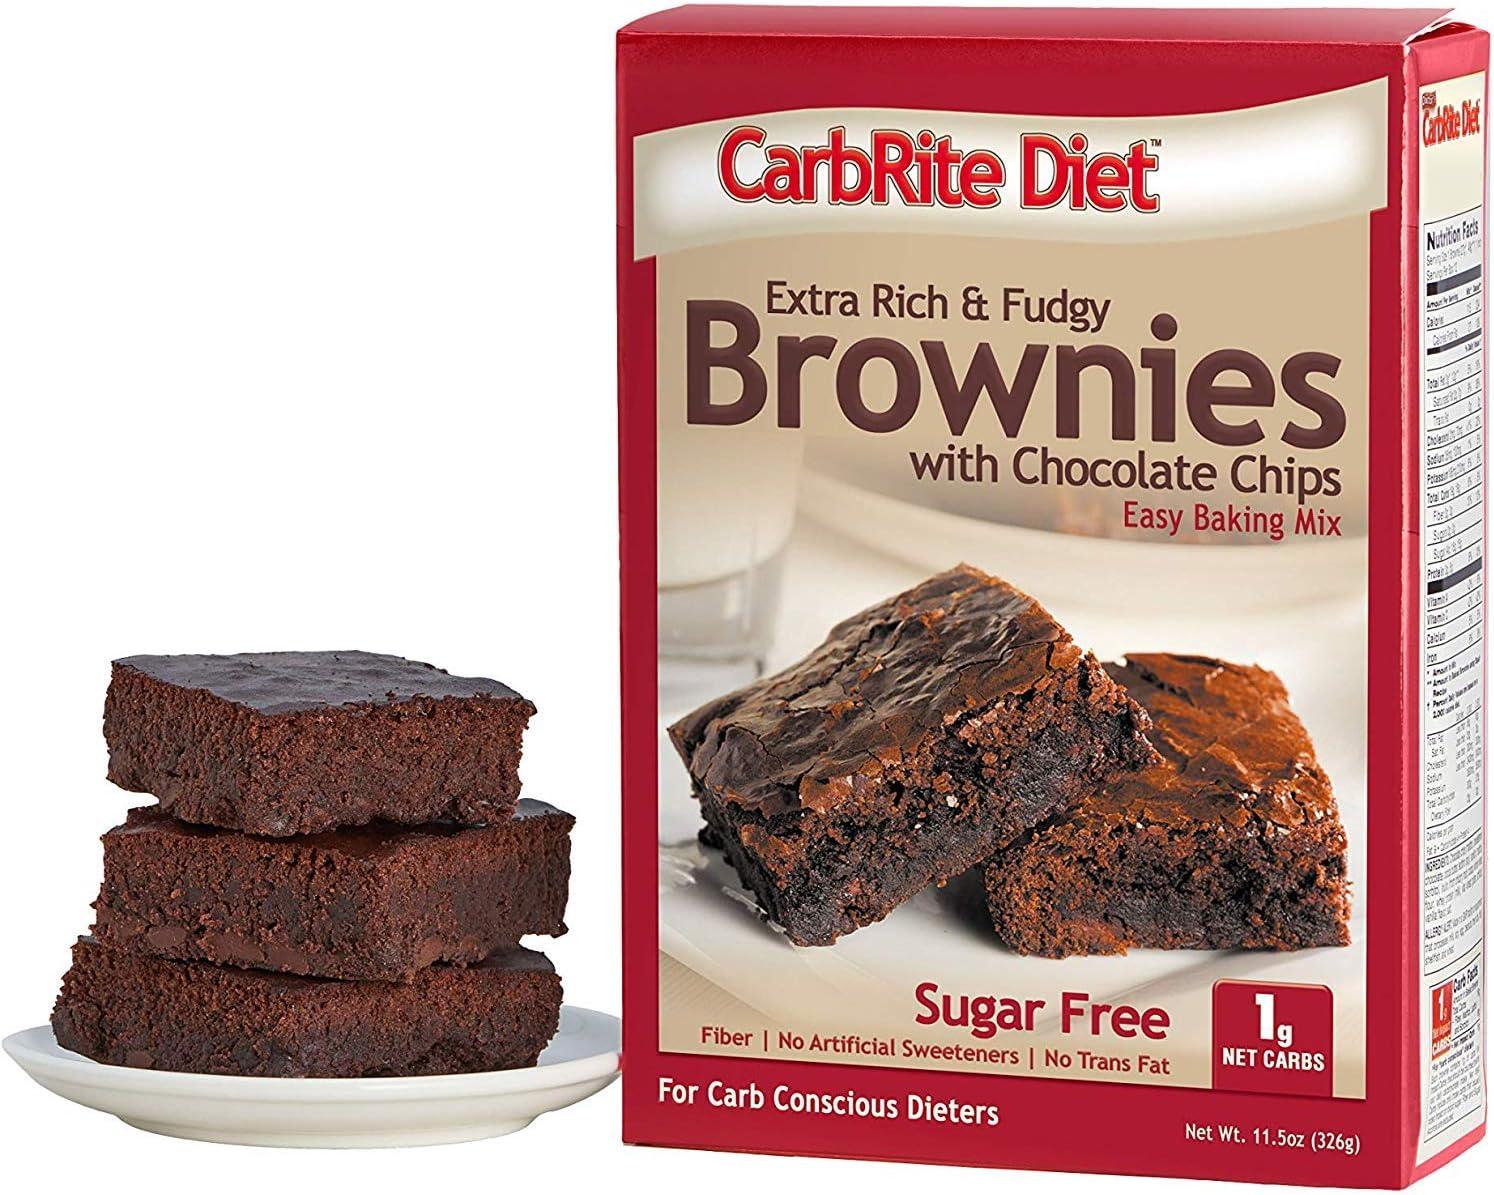 doctors sugar free carbrite diet brownie bar upc